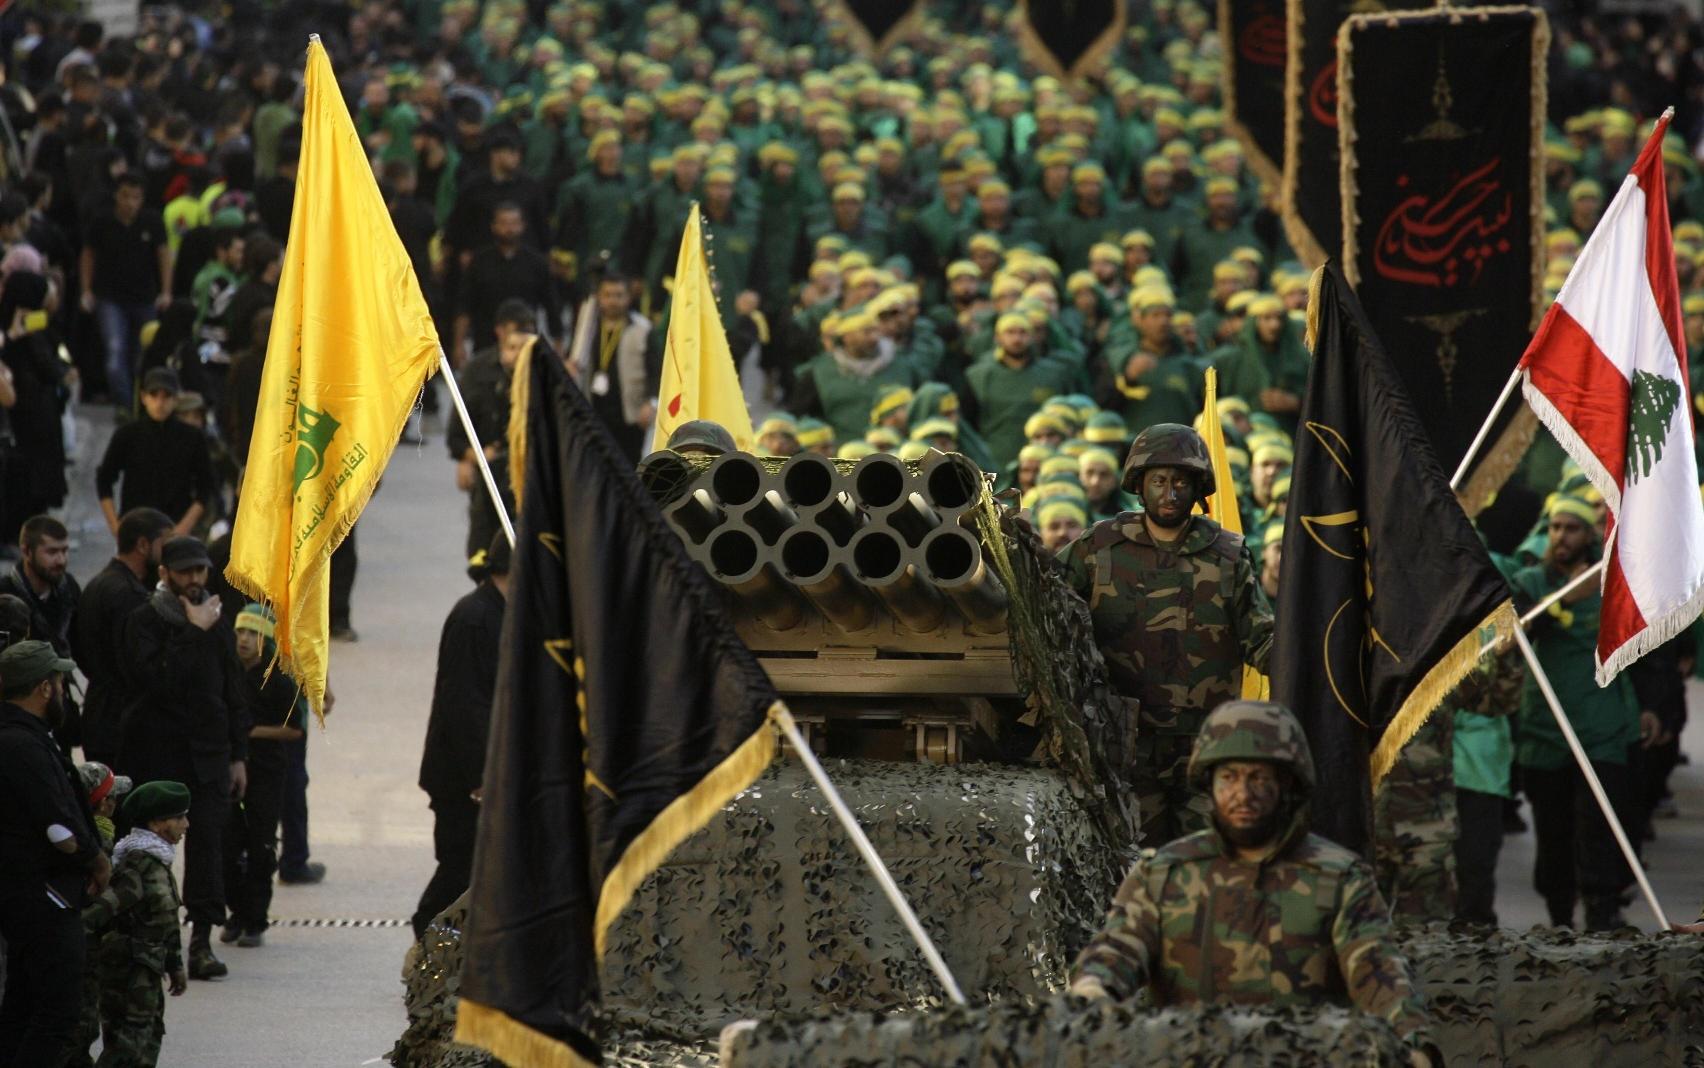 فرانس ۲۴: حمله حزب الله لبنان به نظامیان اسرائیلی نشان دهنده قدرت این گروه است